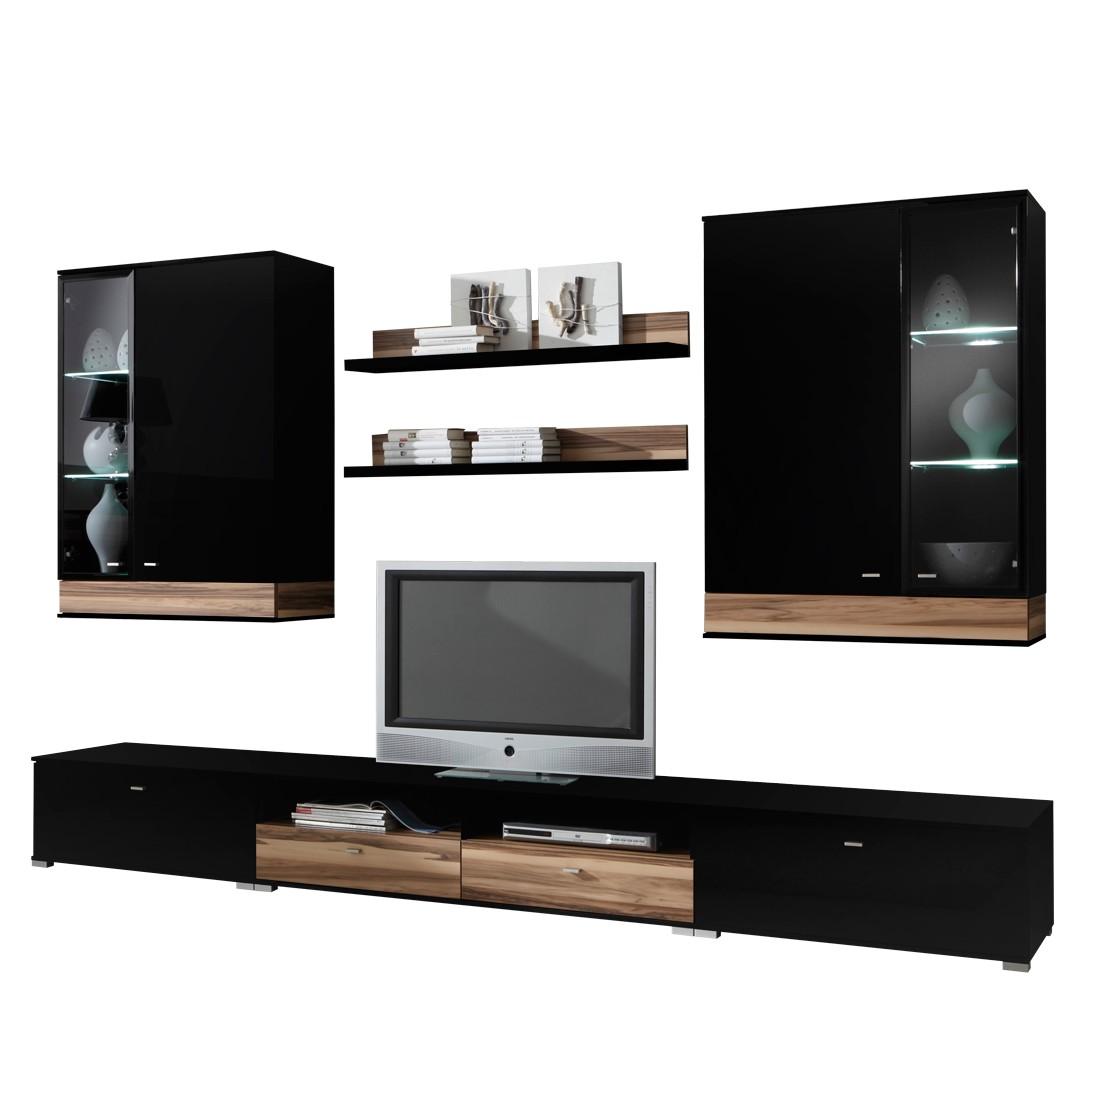 tyler wohnwand schwarz hochglanz nussbaum 7 teilig. Black Bedroom Furniture Sets. Home Design Ideas